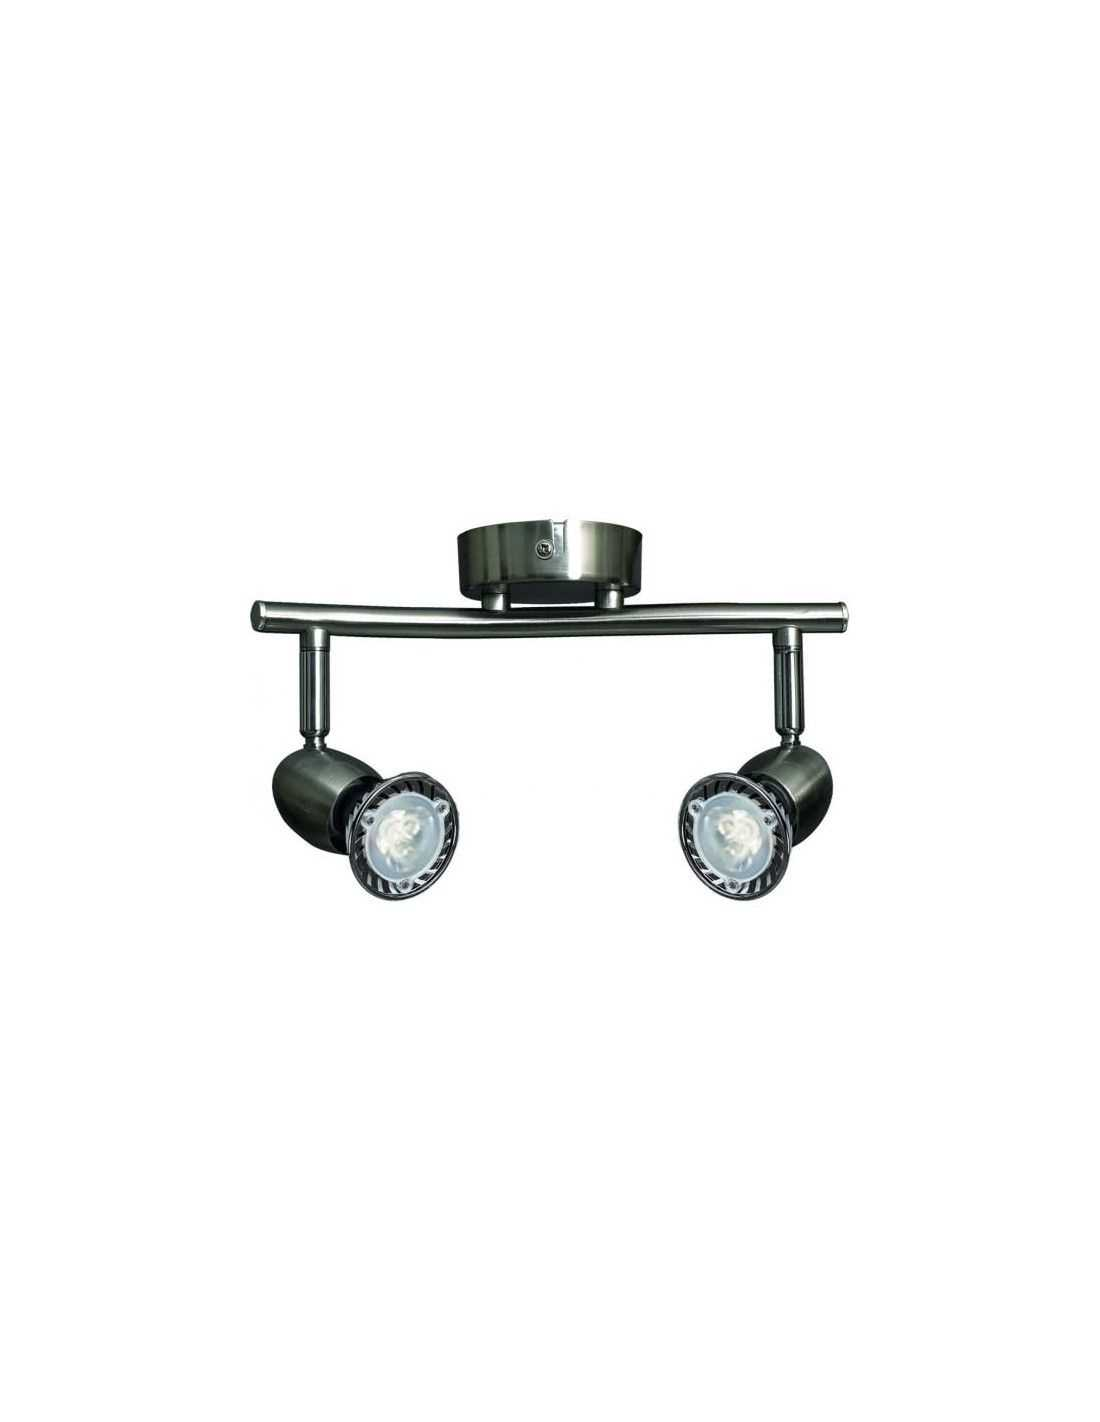 Acheter micenas 05 9771 34 m2 leds c4 encastrable ext rieur for Lampe exterieur encastrable